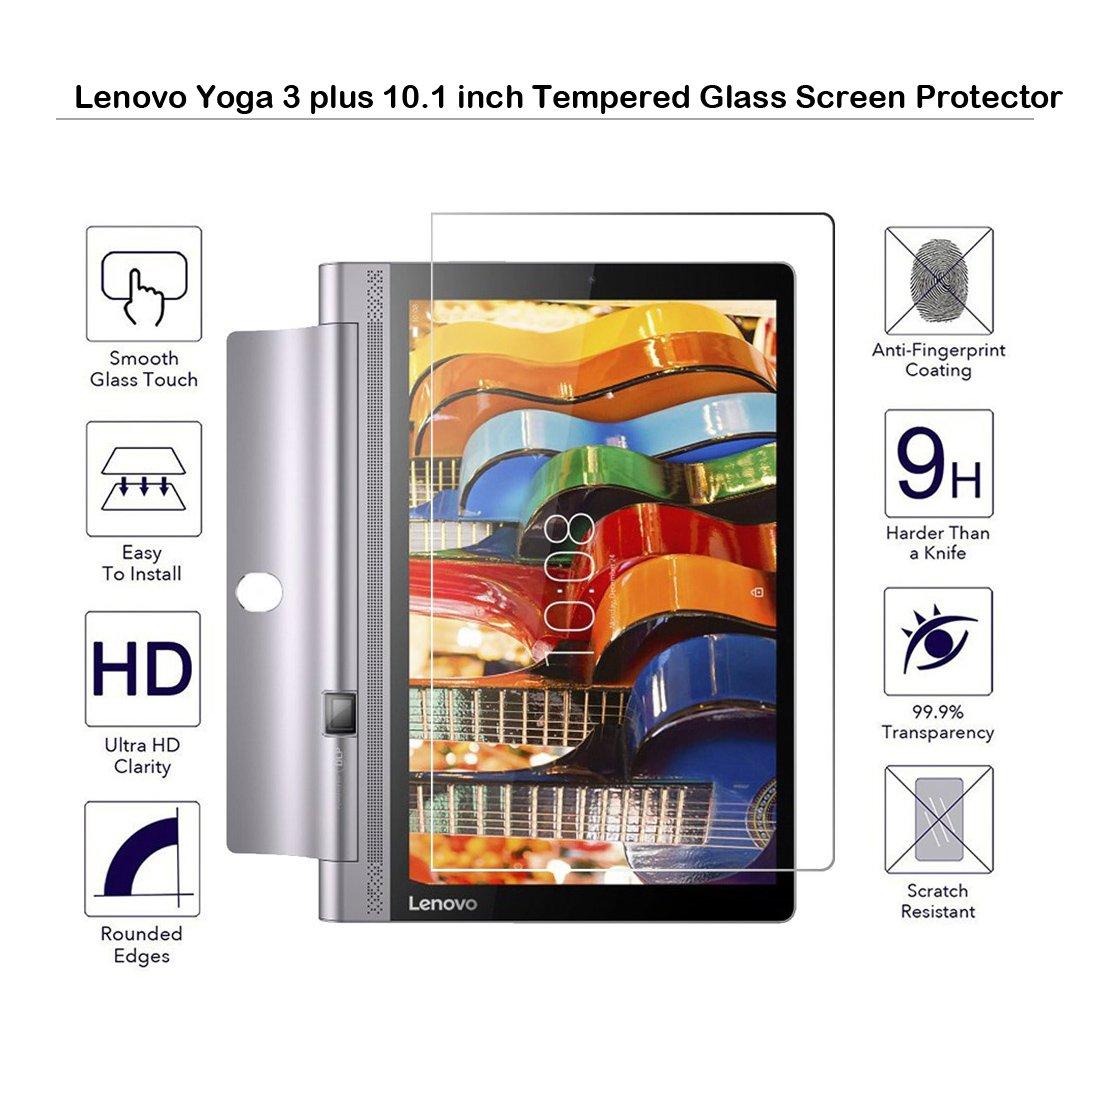 Lenovo Yoga 3 Plus 10.1 Pulgadas Protector De Pantalla De Cristal Templado – Fiimi Protector de Pantalla para Lenovo Yoga 3 Plus 10.1 Inch, 9 h ...